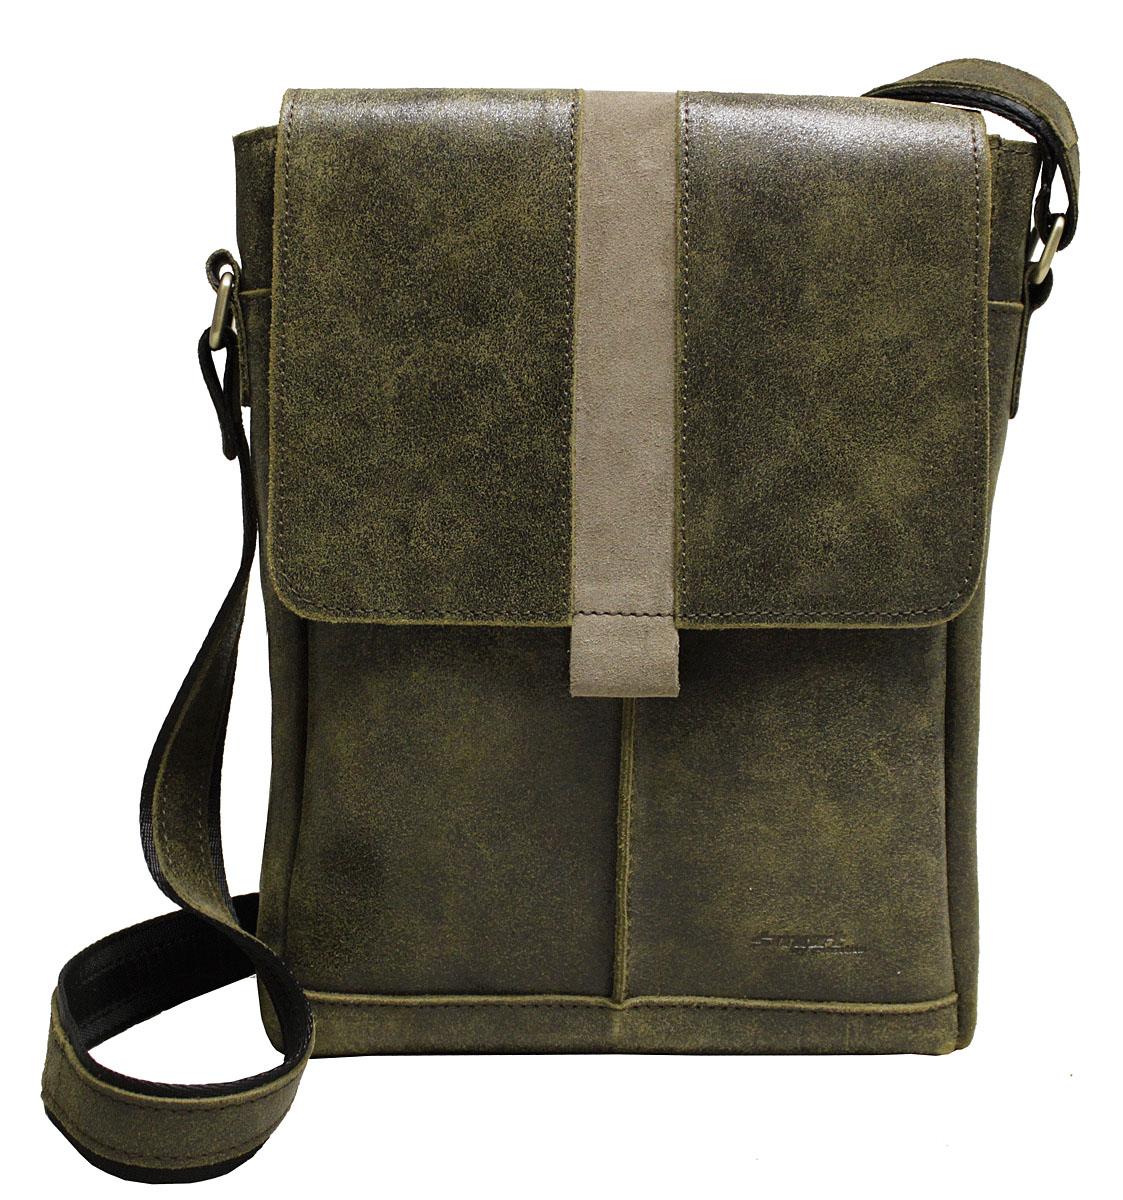 Сумка-планшет молодежная мужская Edmins Smart by Edmins, цвет: зеленый. 13С626КОЗ13С626КОЗДанная коллекция стильной мужской сумки изготовлена из натуральной кожи. Модели конструируются с учетом особенностей эксплуатации и последних тенденций моды. Каждая единица это результат бережной работы с кожей и жесткого контроля качества.